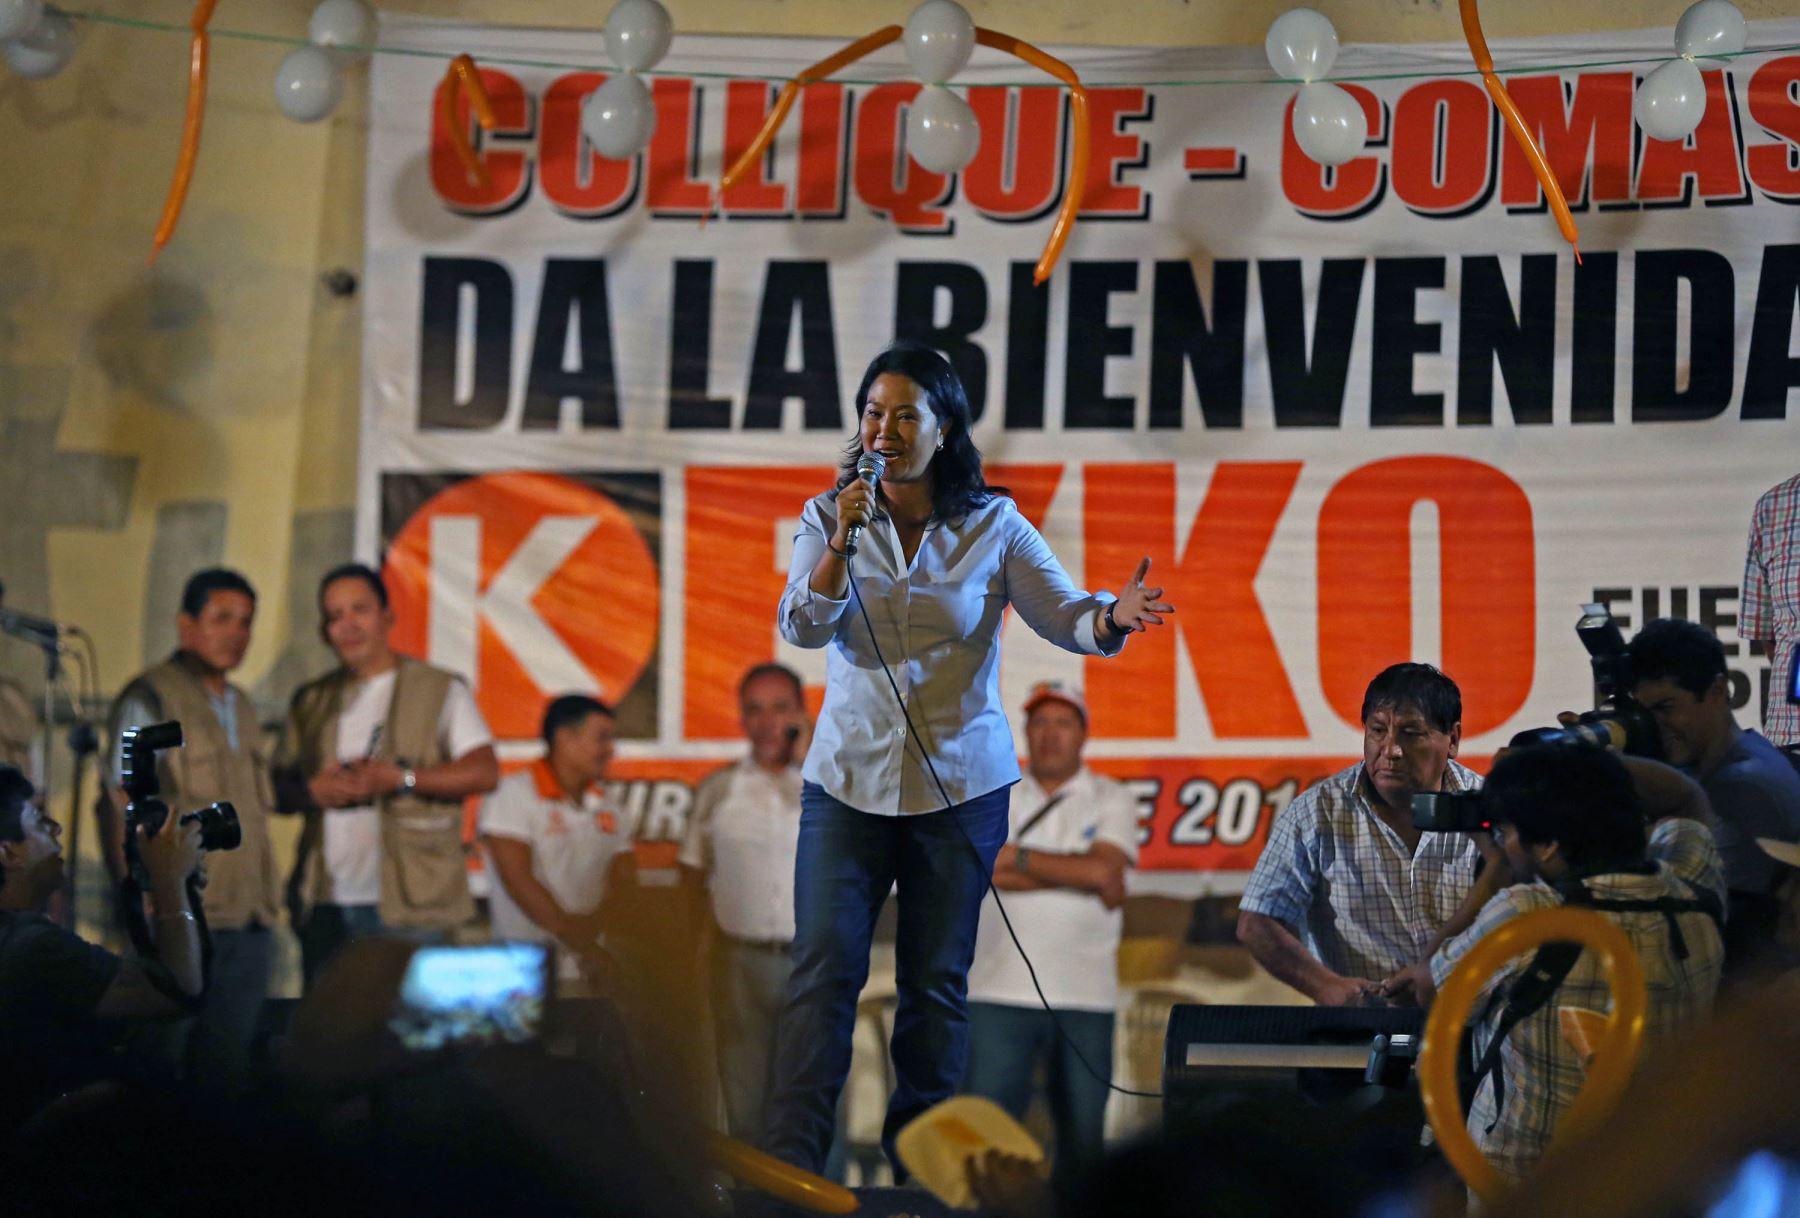 Keiko es la mayor de los cuatro hermanos Fujimori Higuchi, mientras que Kenji el último del clan. Los dos fueron los parlamentarios más votados del fujimorismo el 2006 y 2011, respectivamente. Foto: ANDINA/Vidal Tarqui